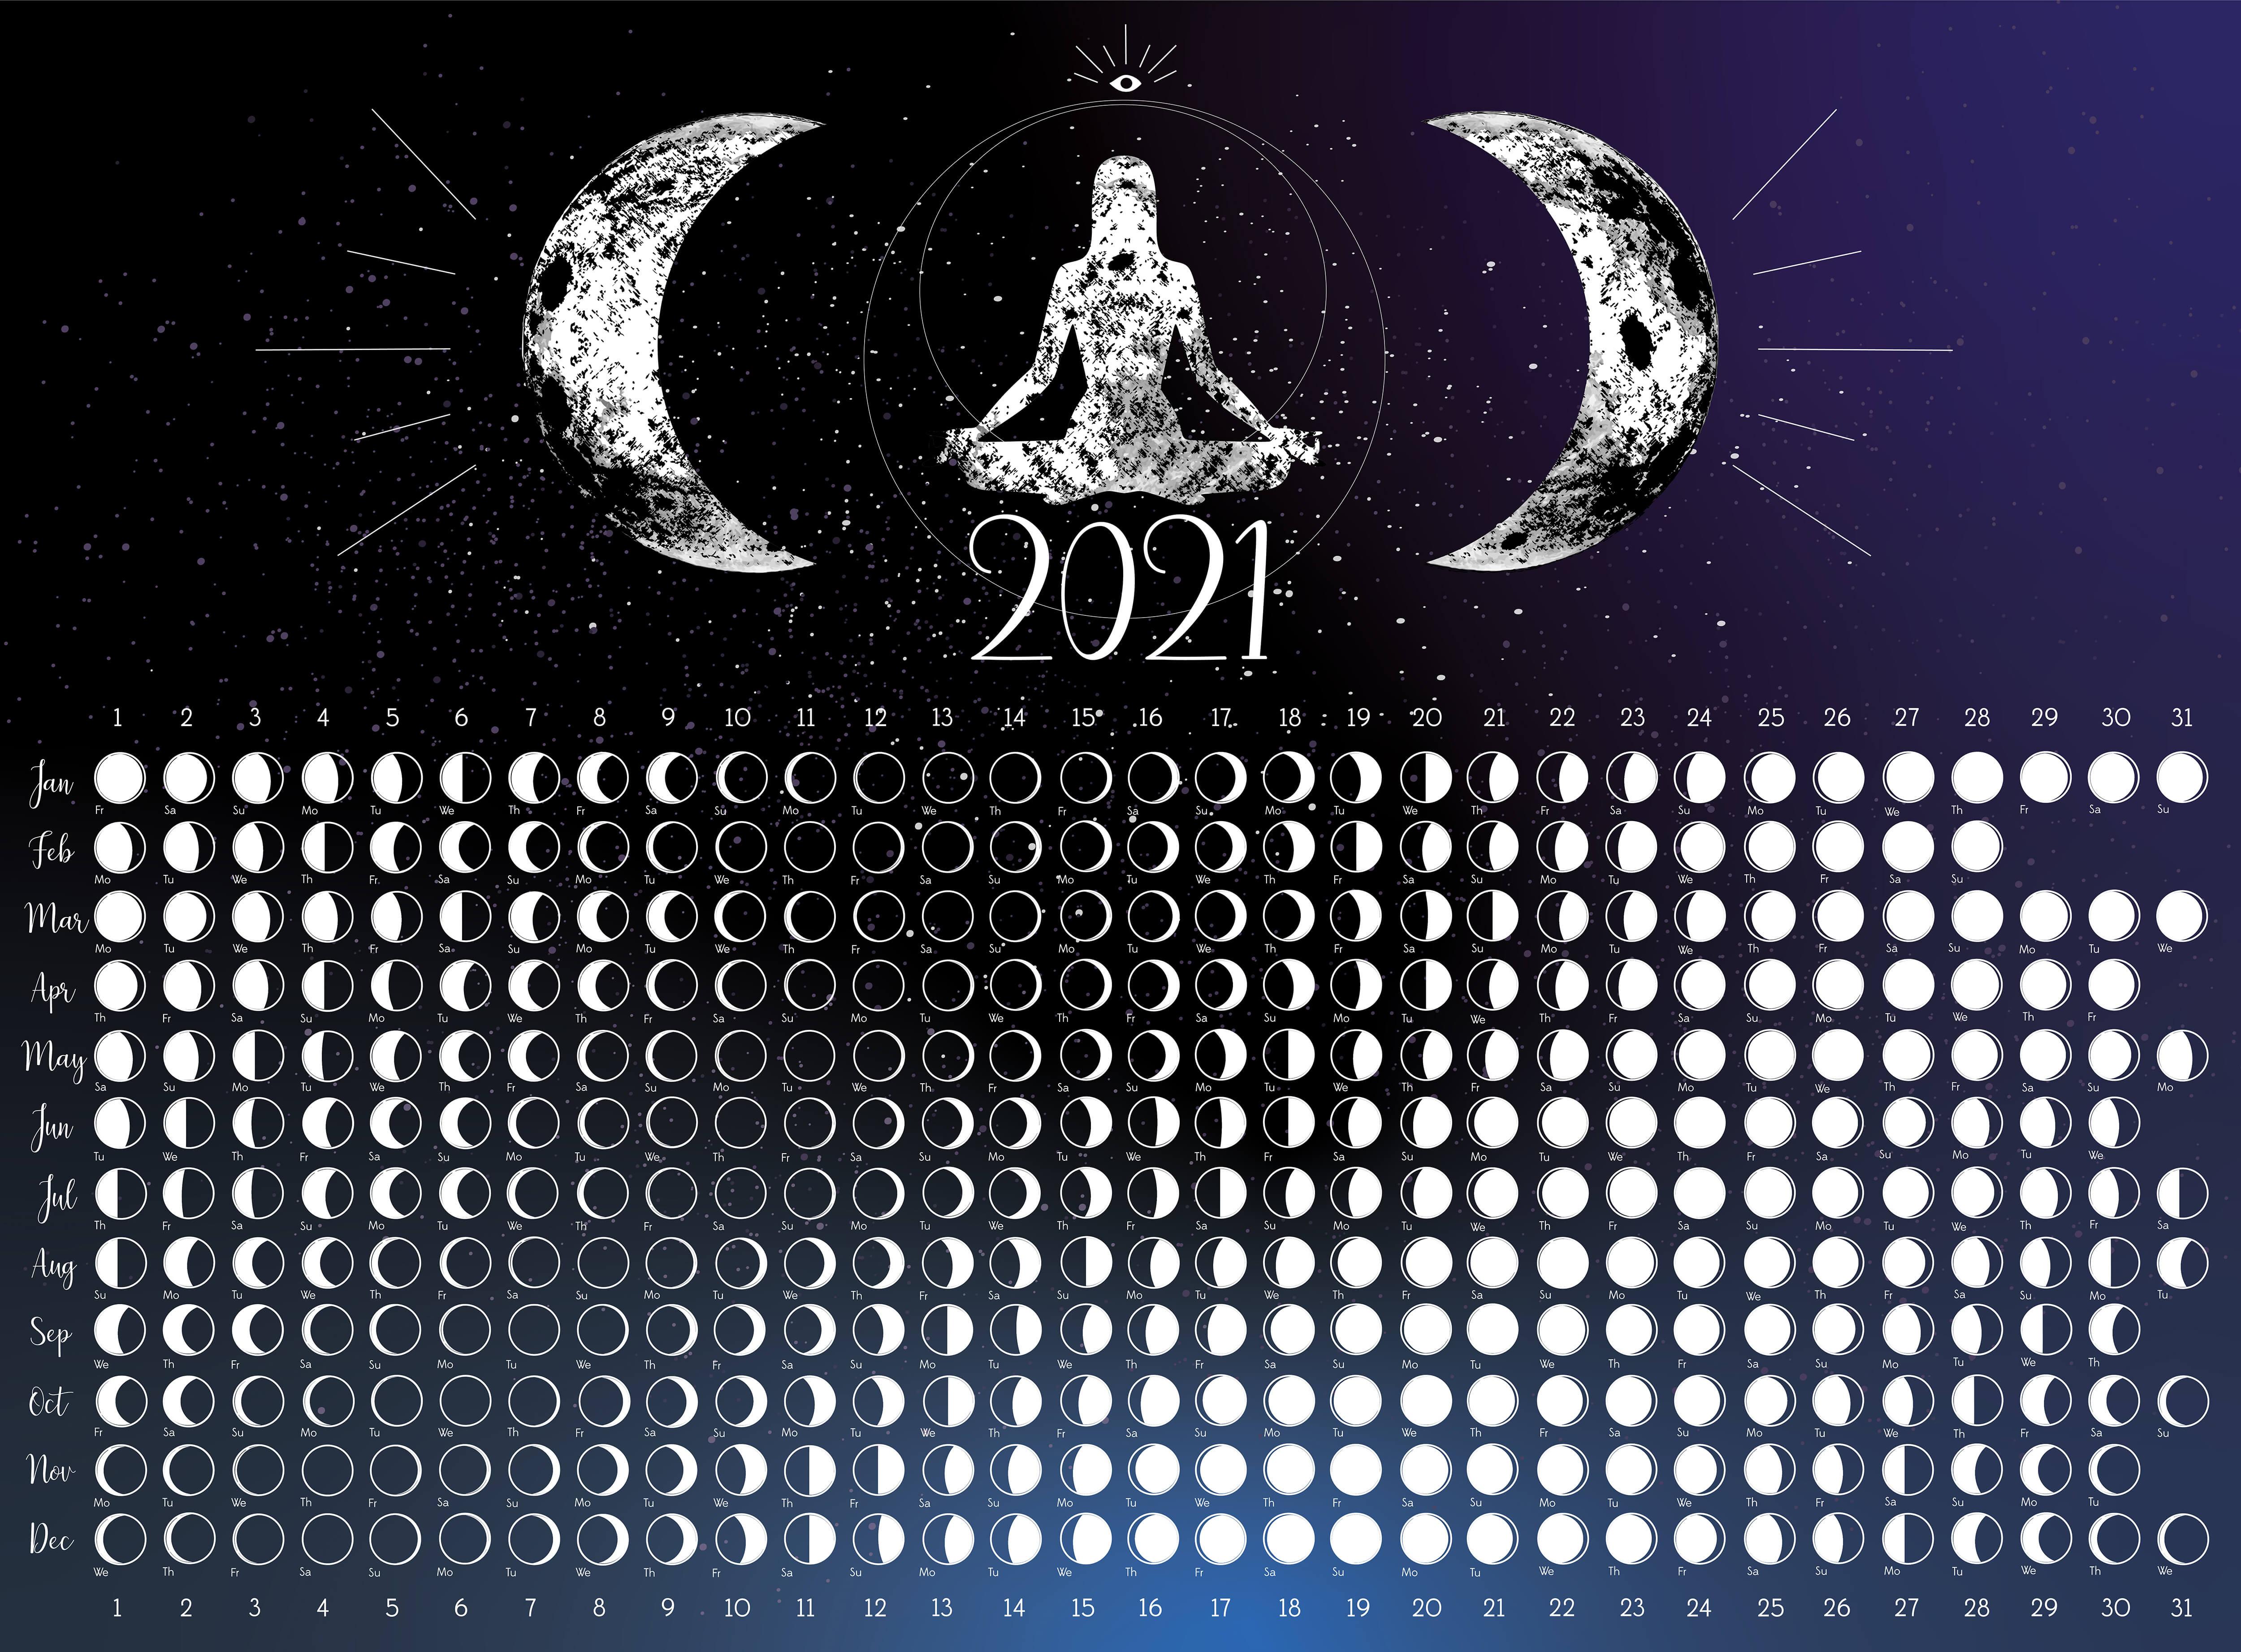 Календарь фаз Луны на 2021 год